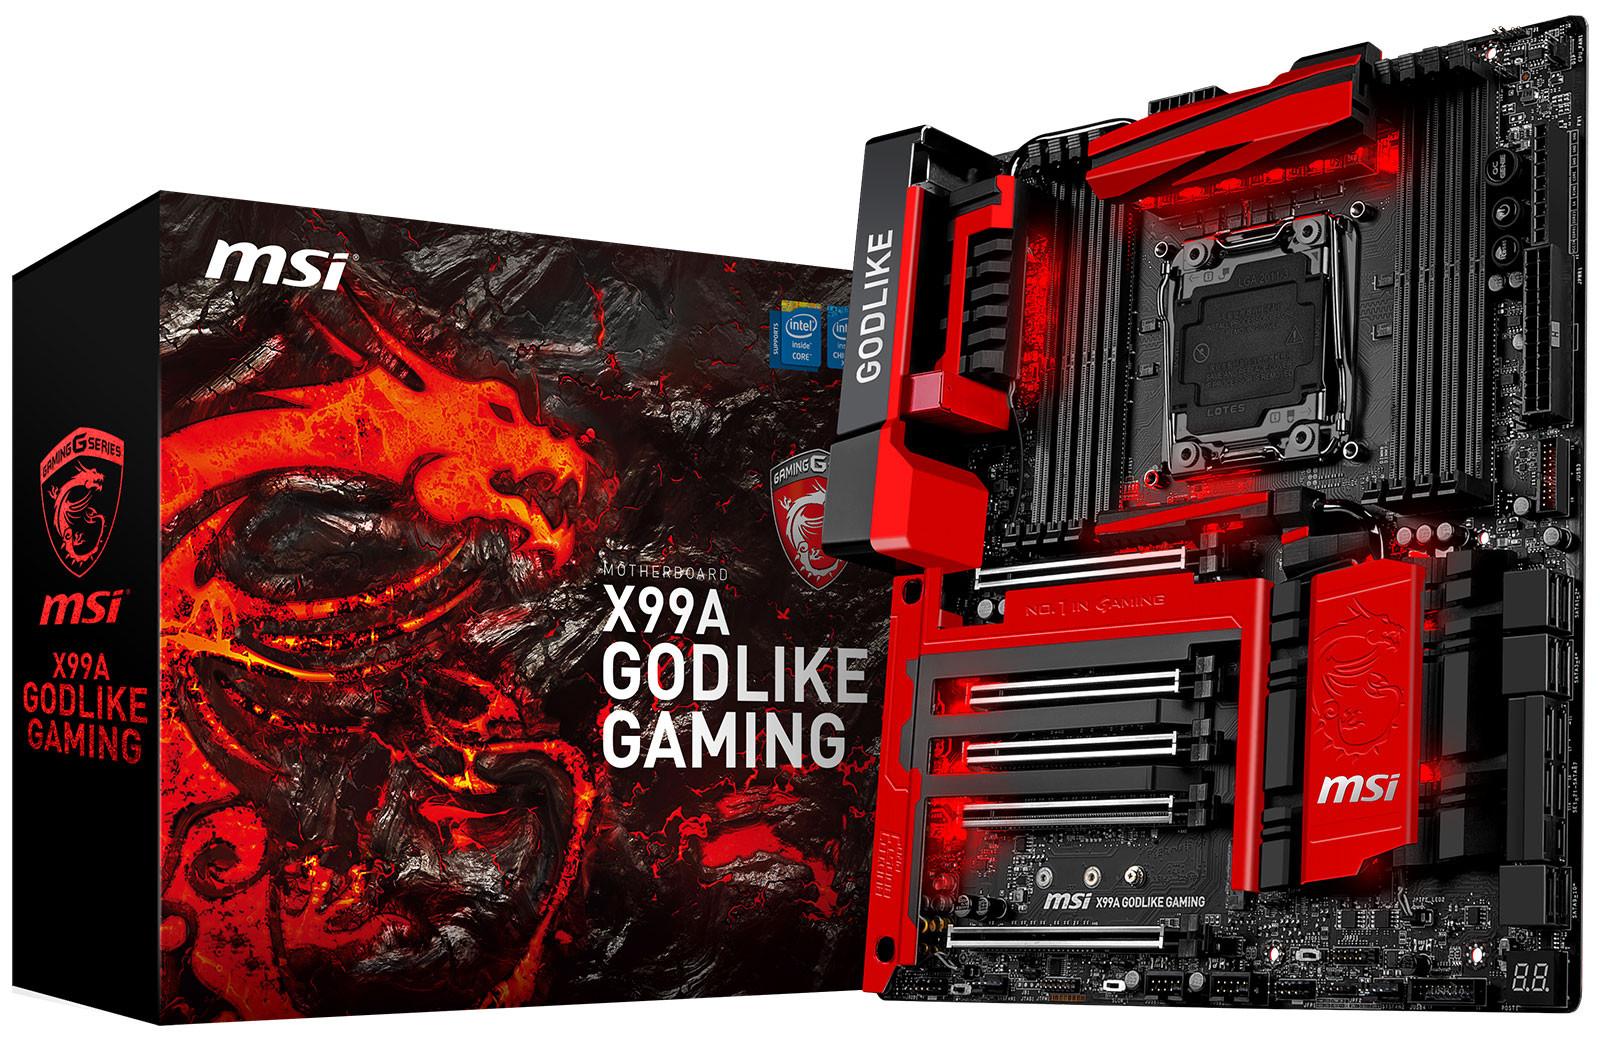 MSI X99A Godlike